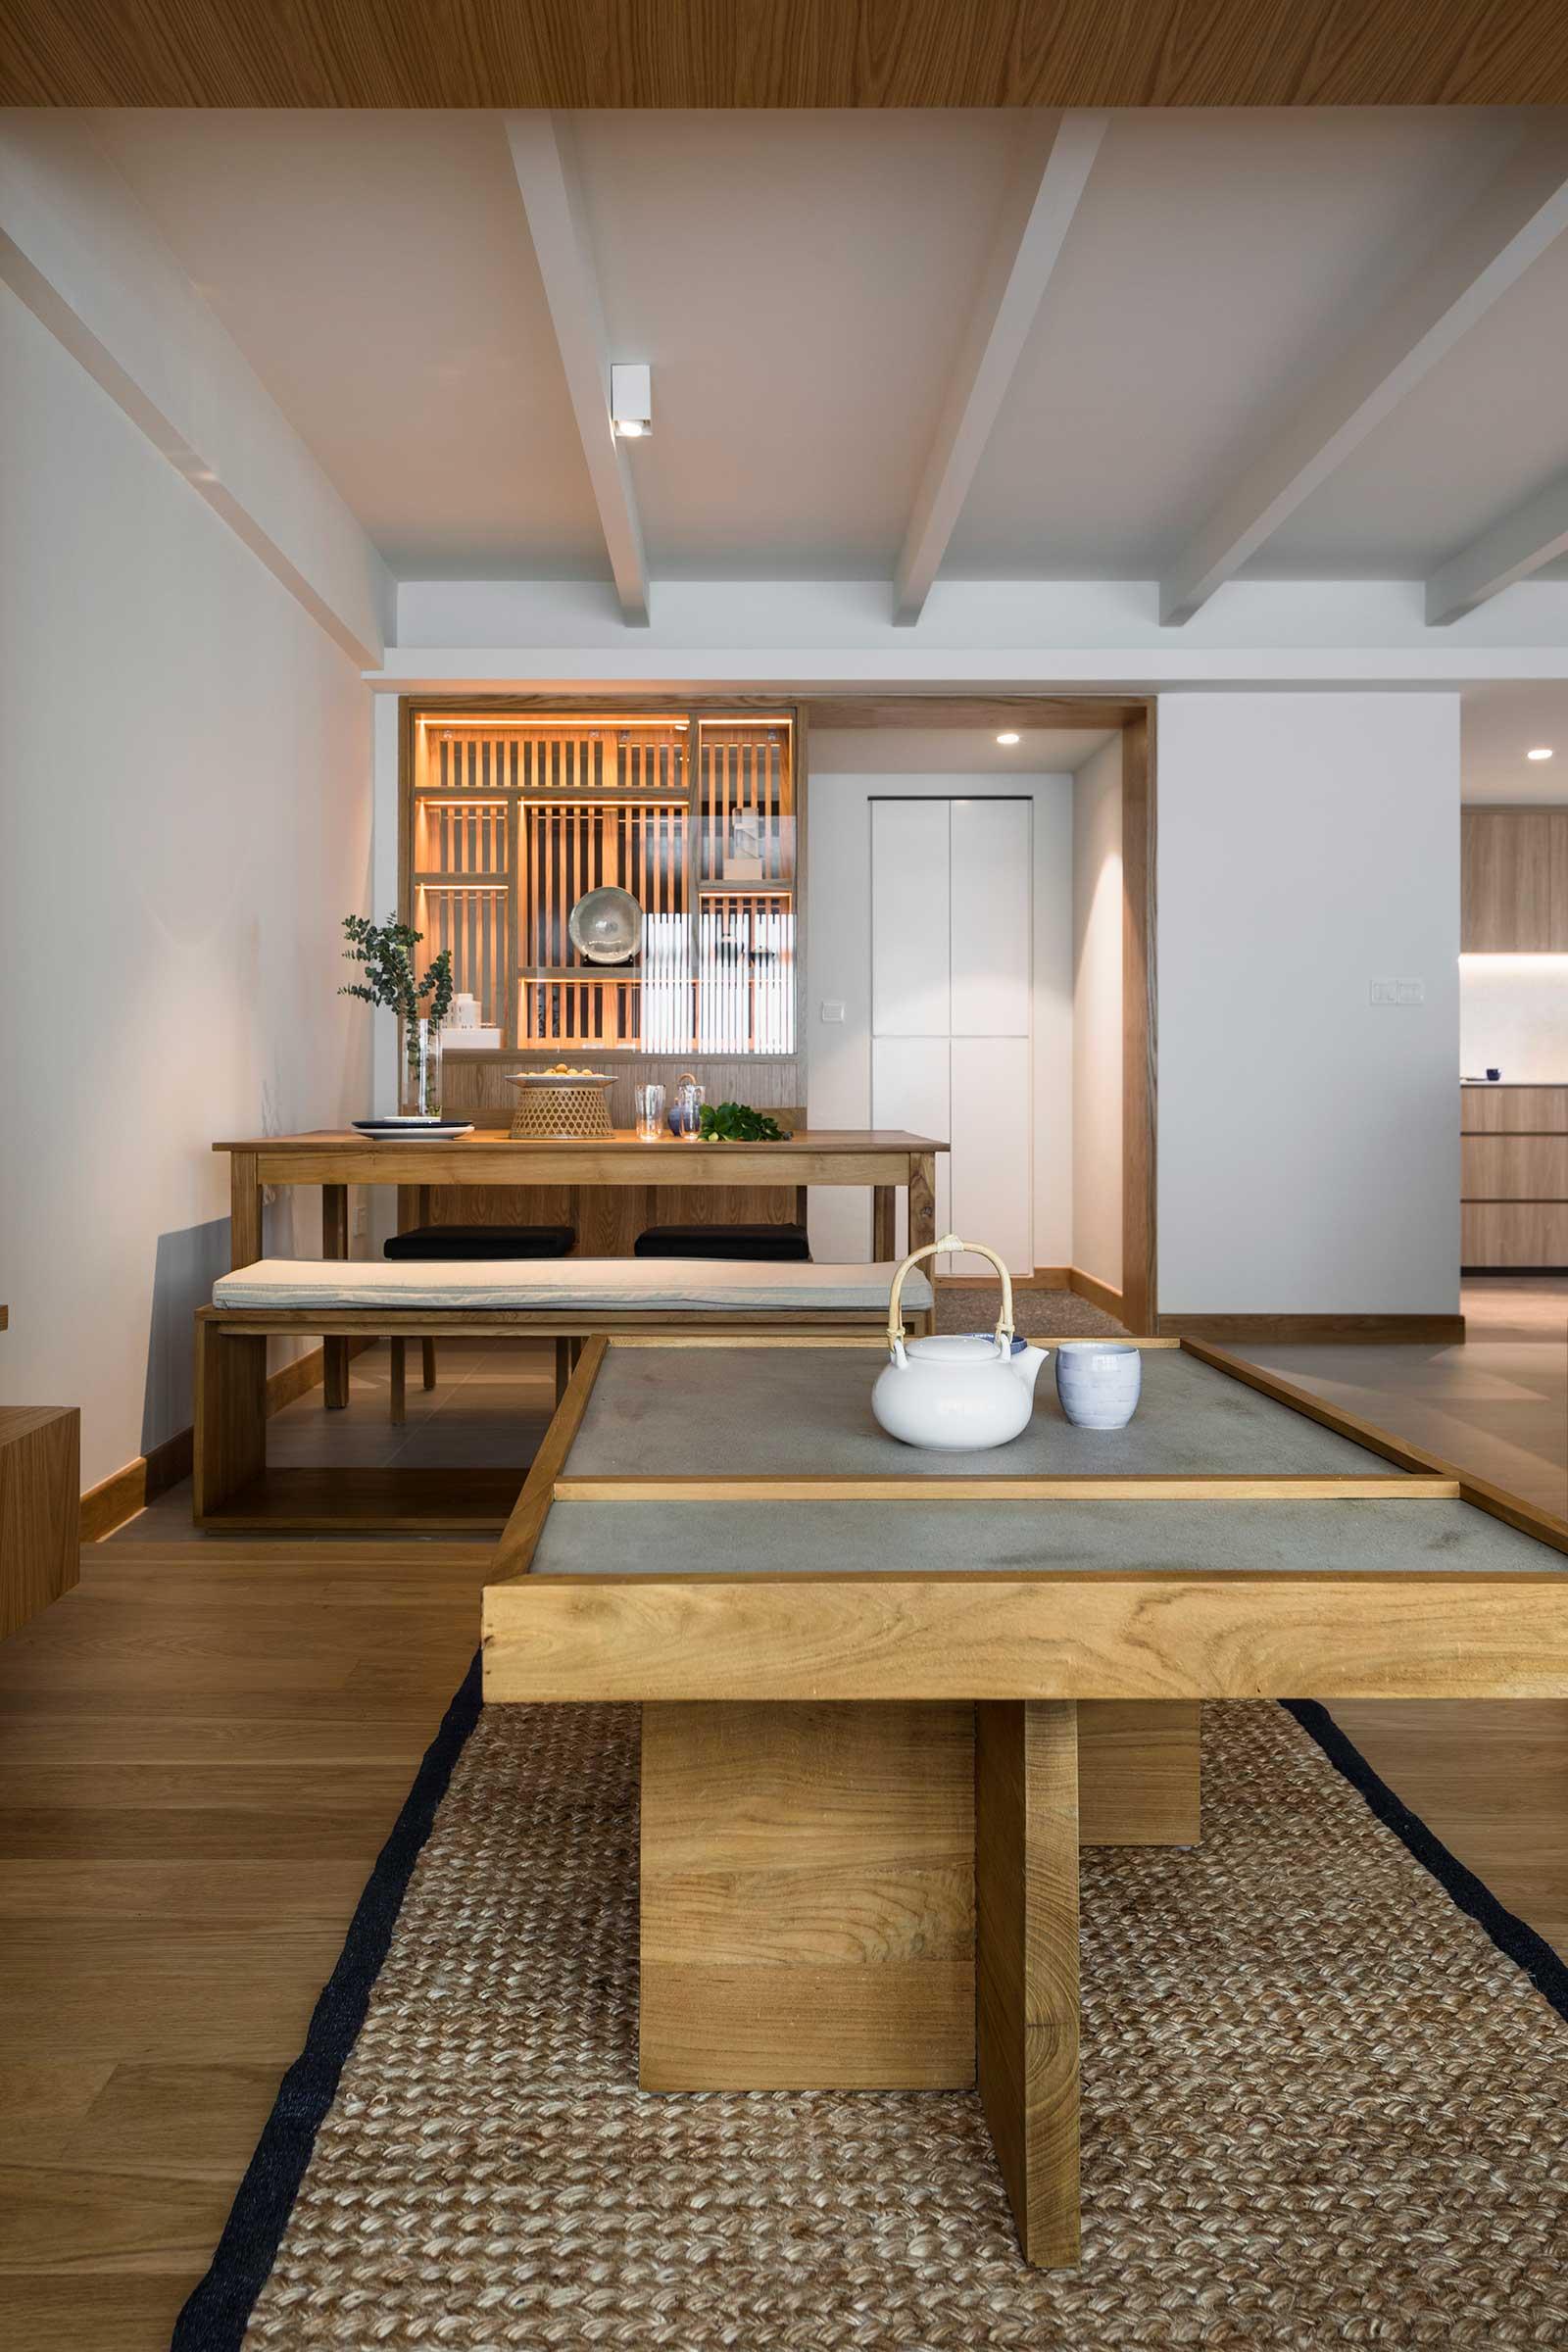 Bukit-Batok-West-Ave-6_Goy-Architects_54.jpg